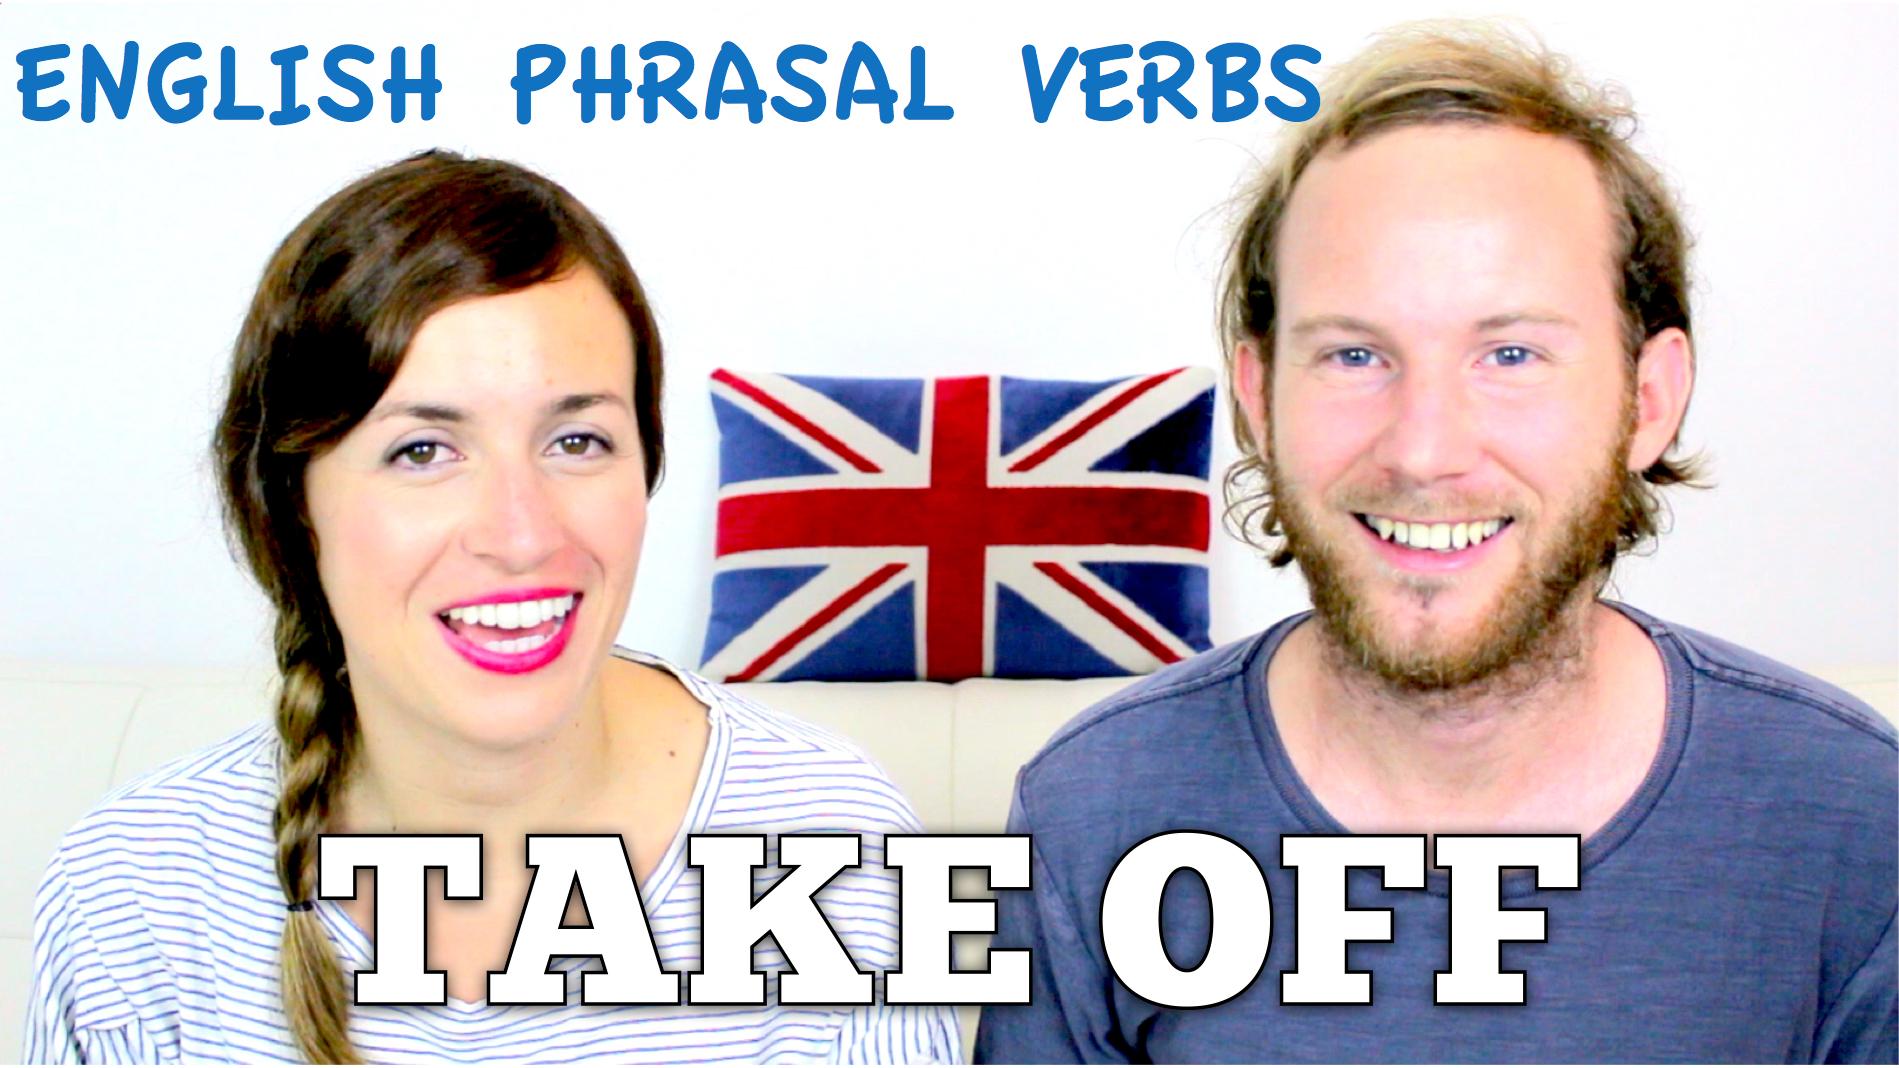 TAKE OFF – English Phrasal Verbs